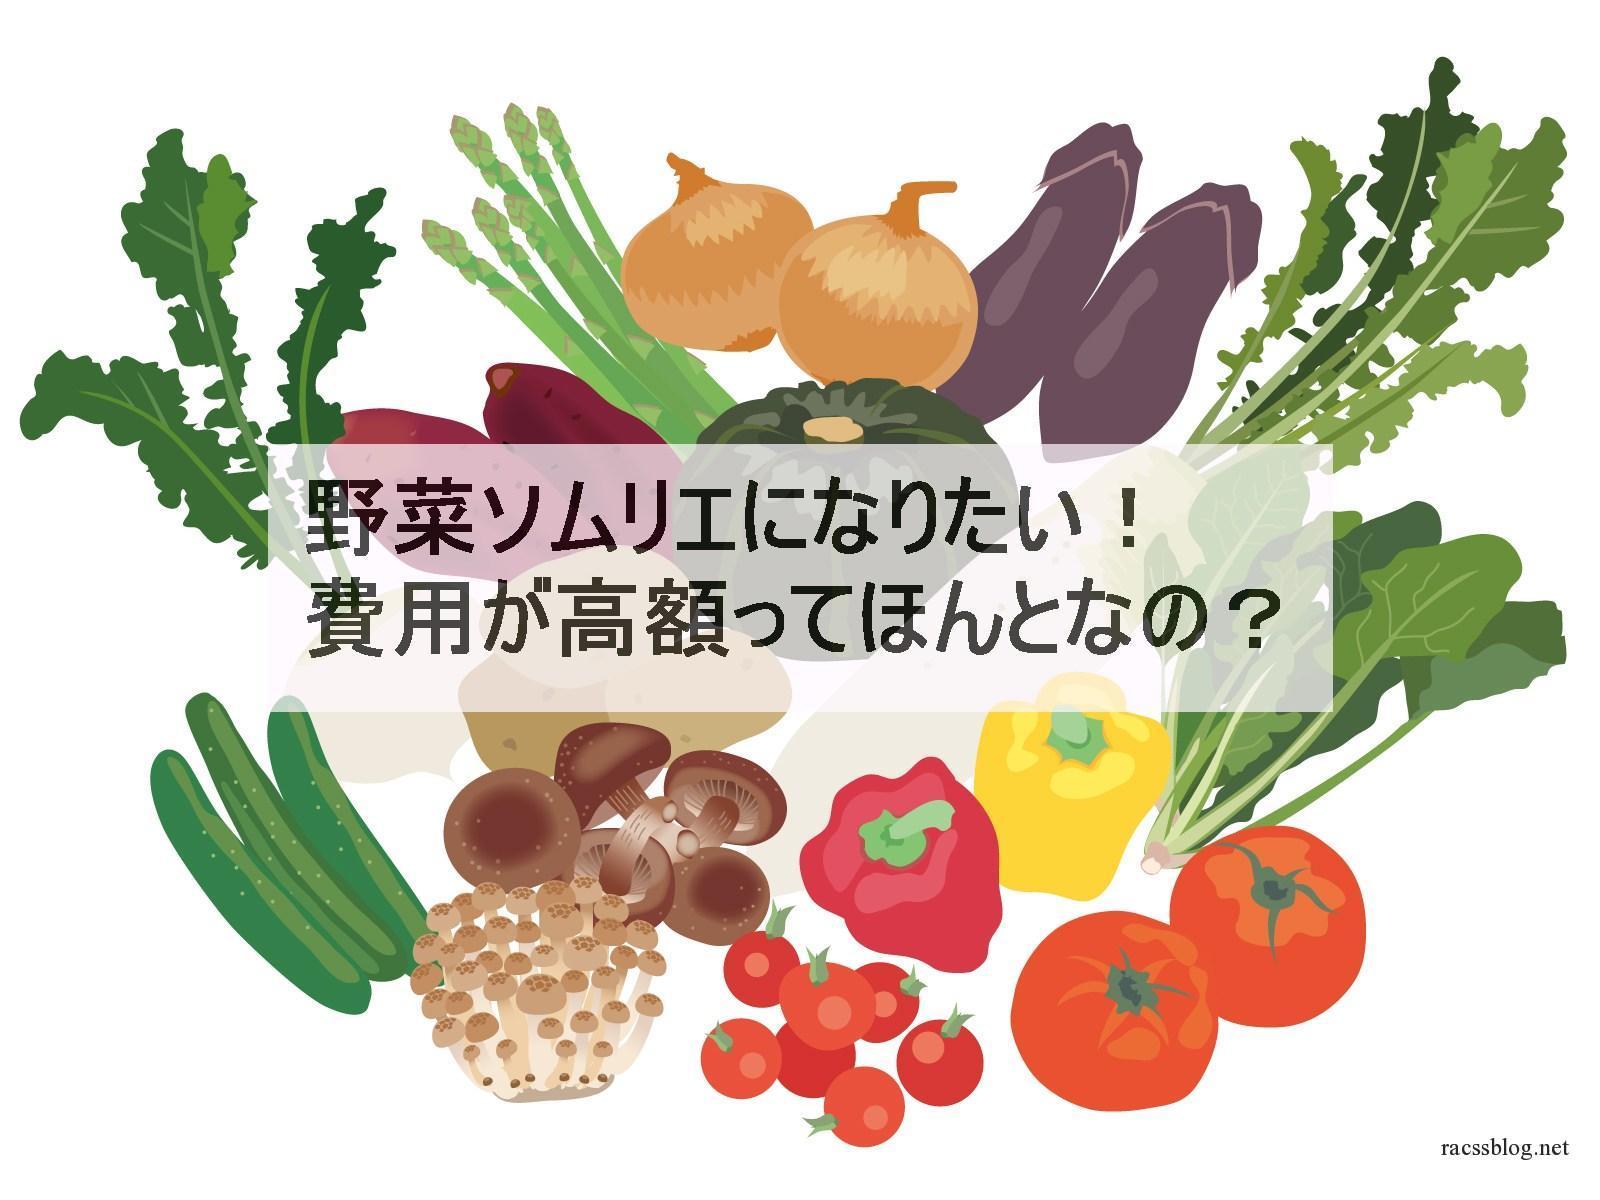 野菜ソムリエになるには|ランク別講座料金をチェックして見きわめましょう